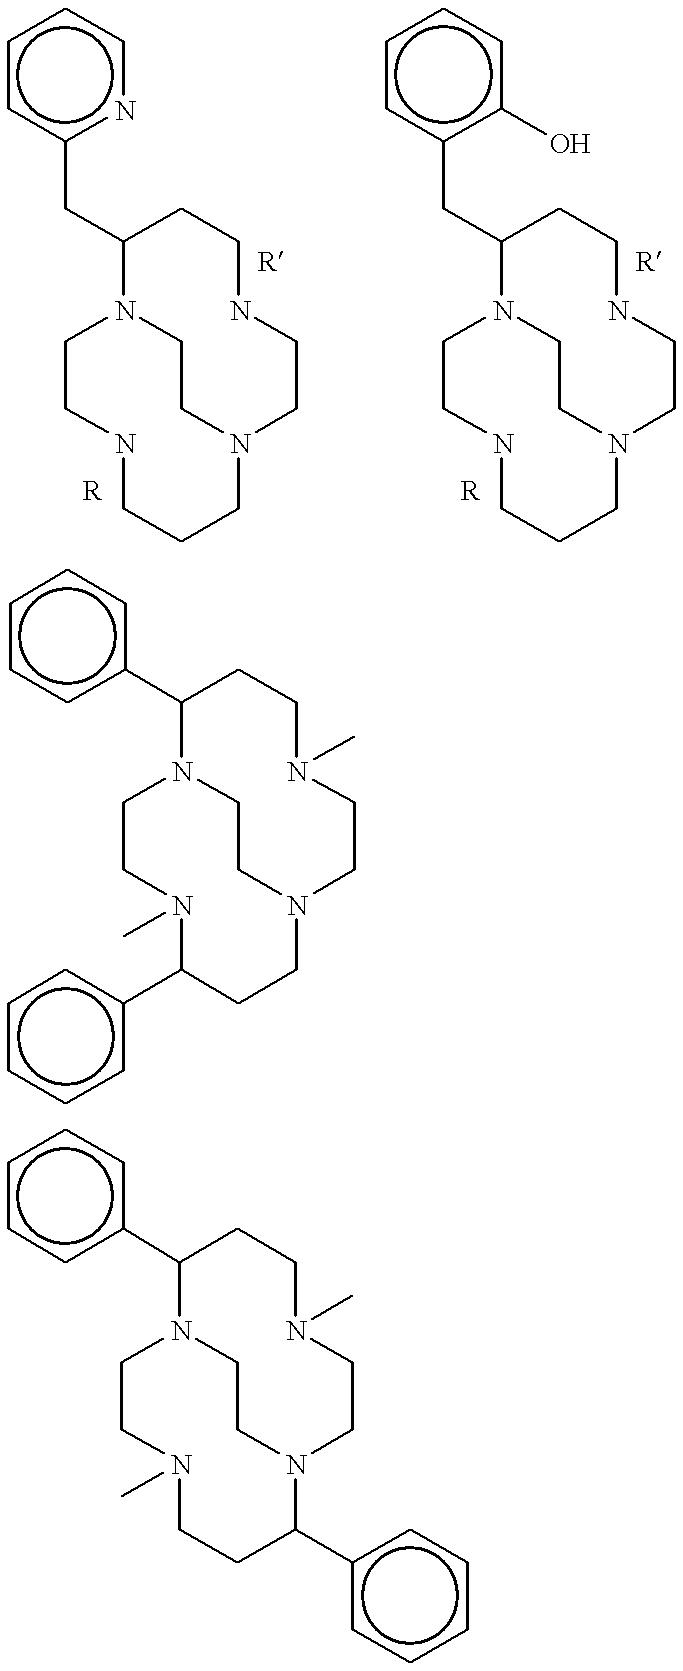 Figure US06306812-20011023-C00026